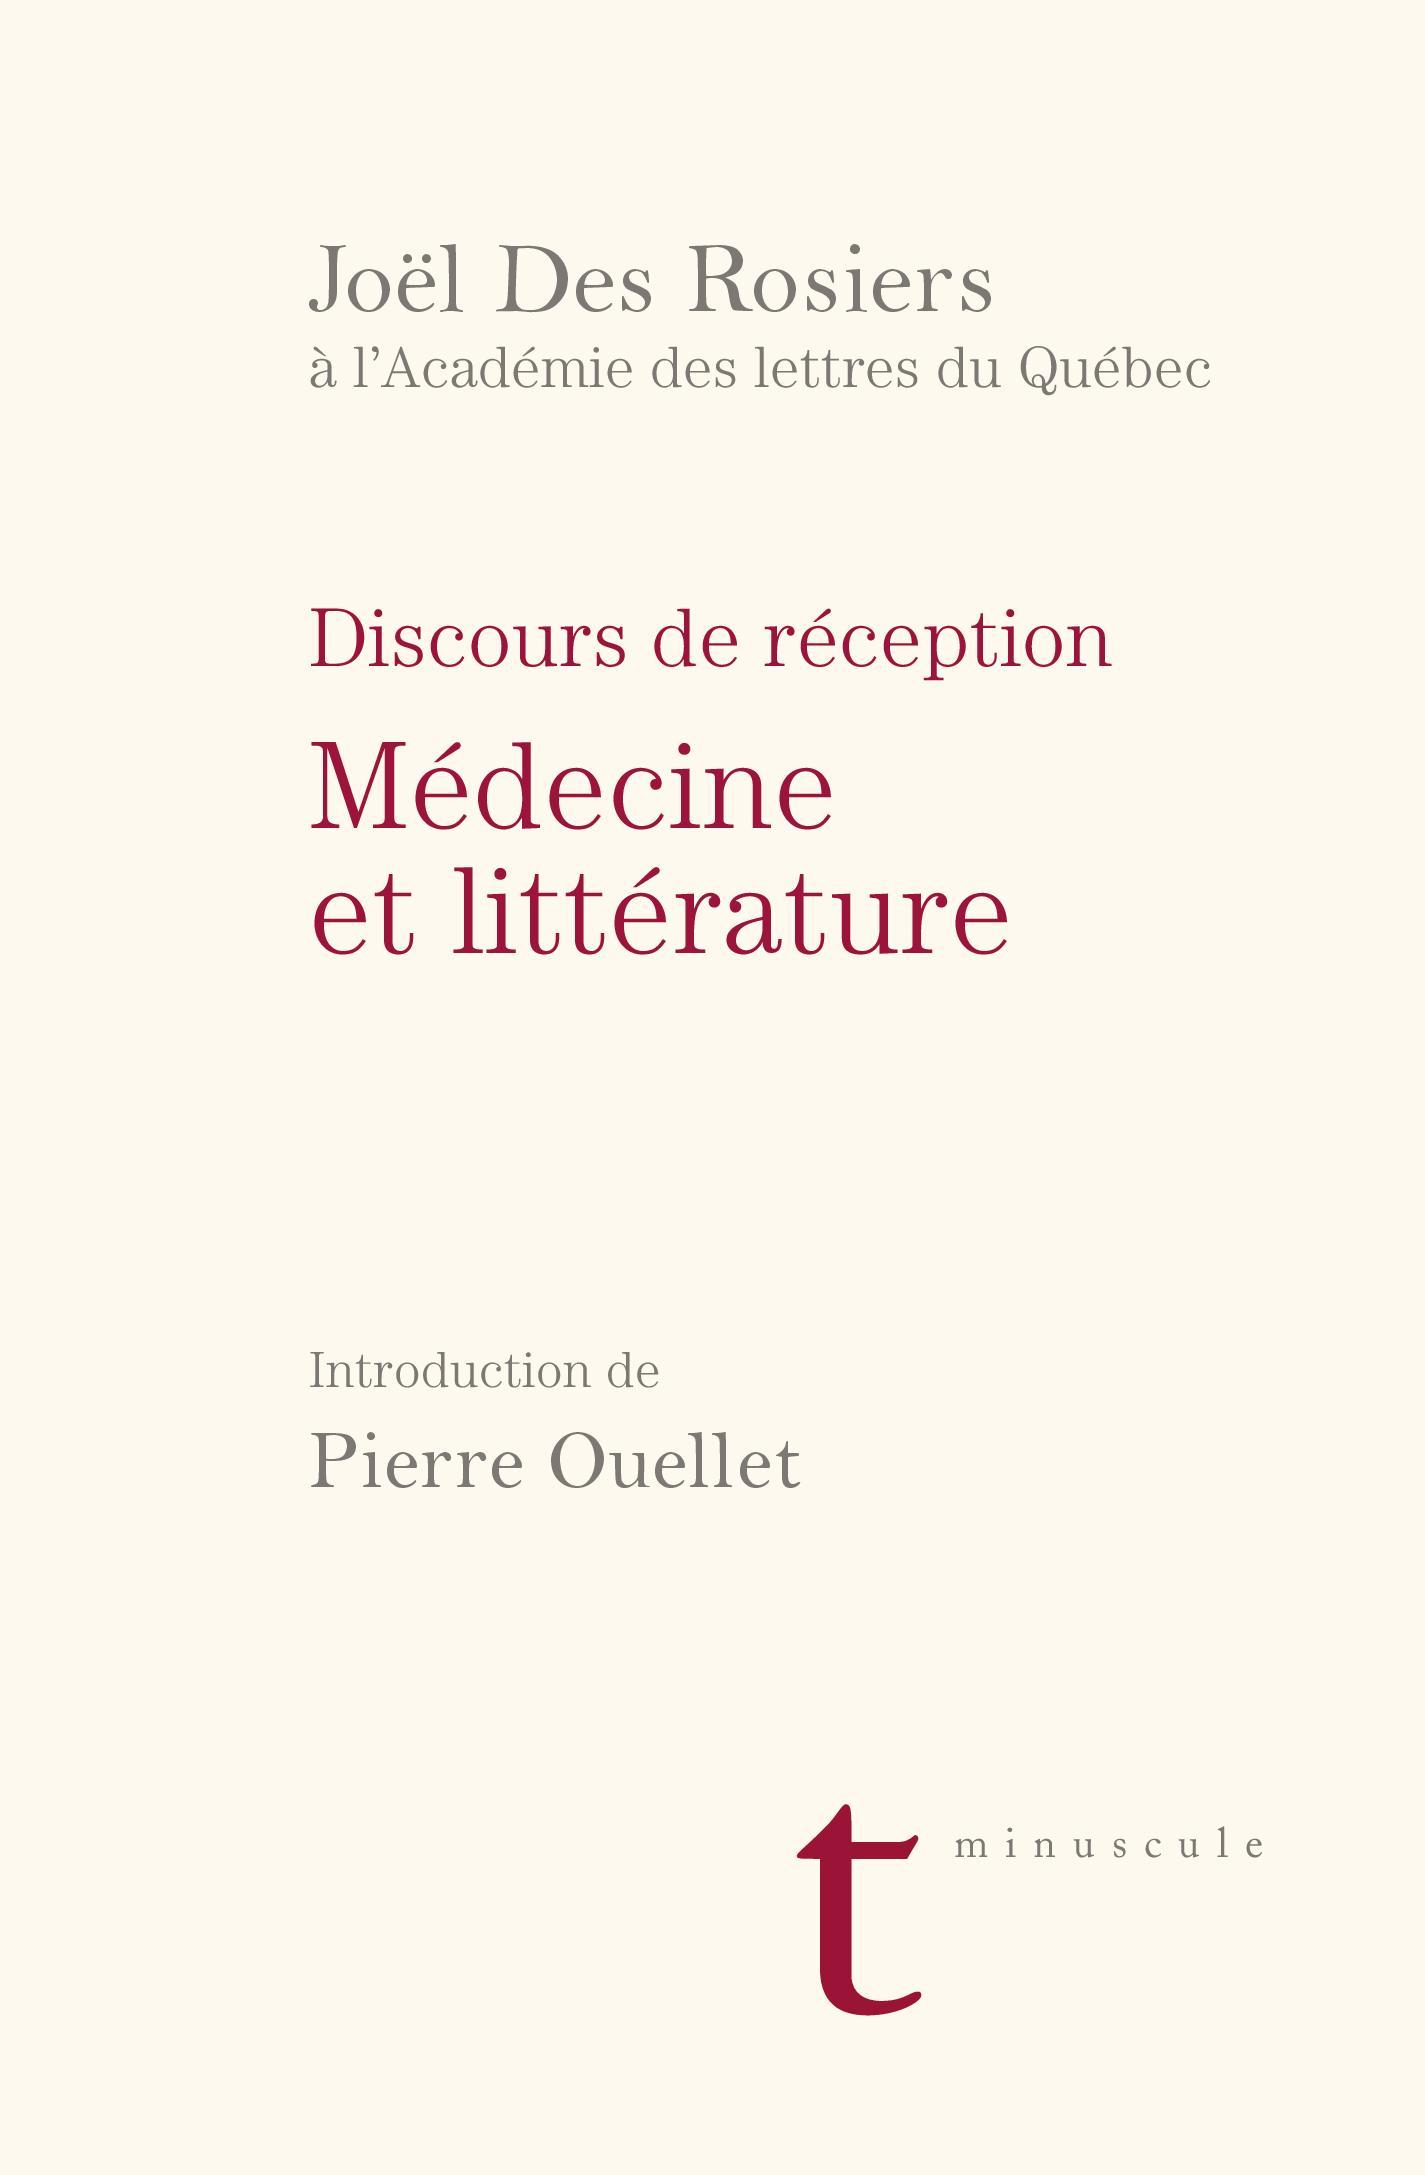 Discours de réception à l'Académie des lettres du Québec